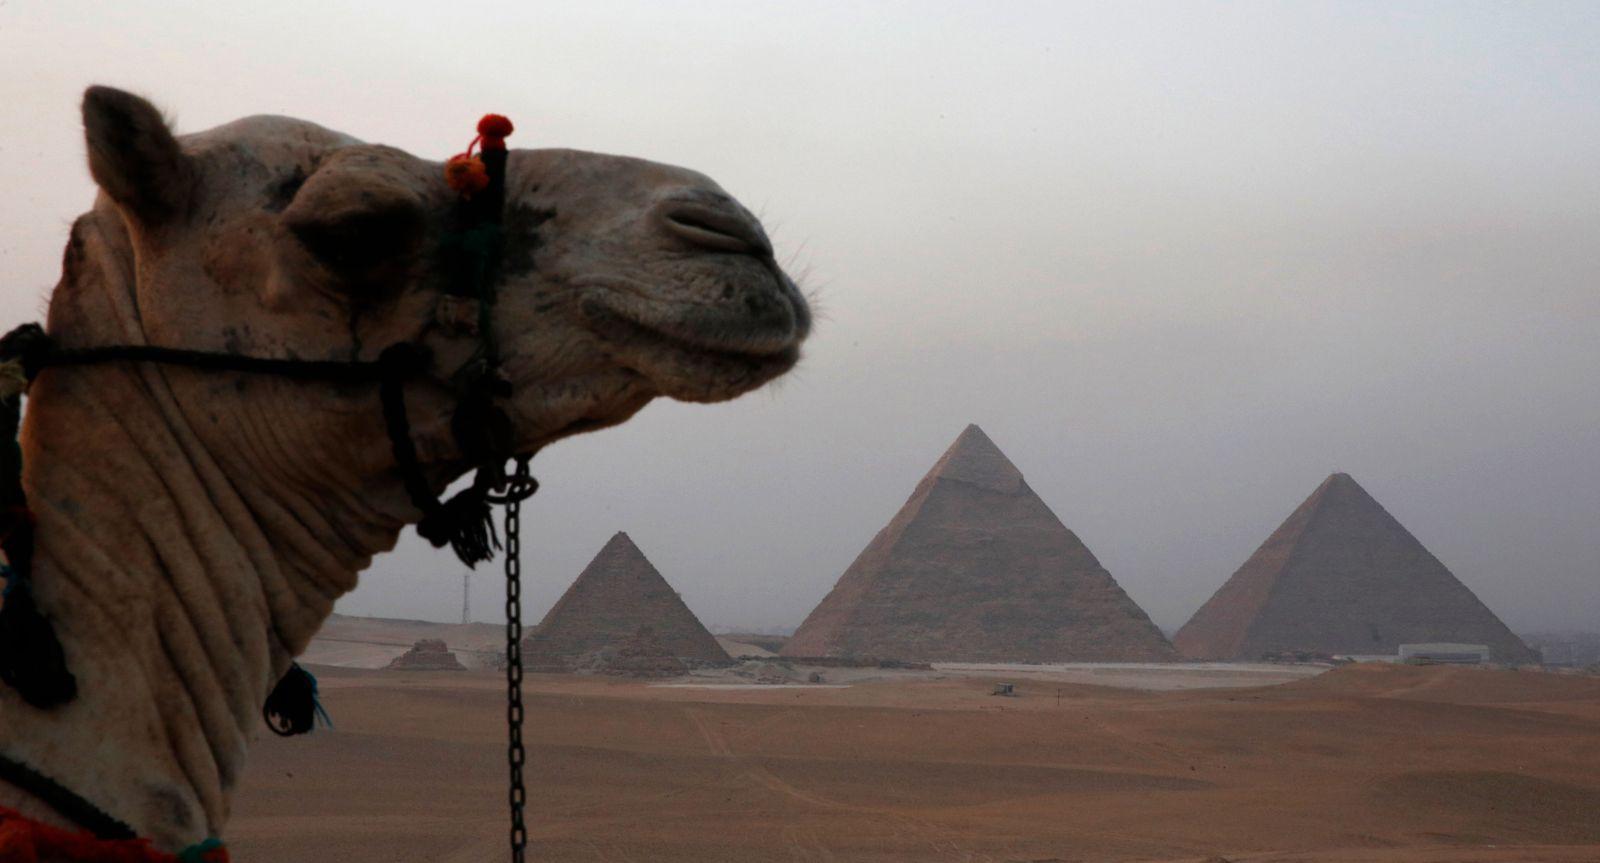 Ägypten / Wahl / Pyramiden von Gizeh